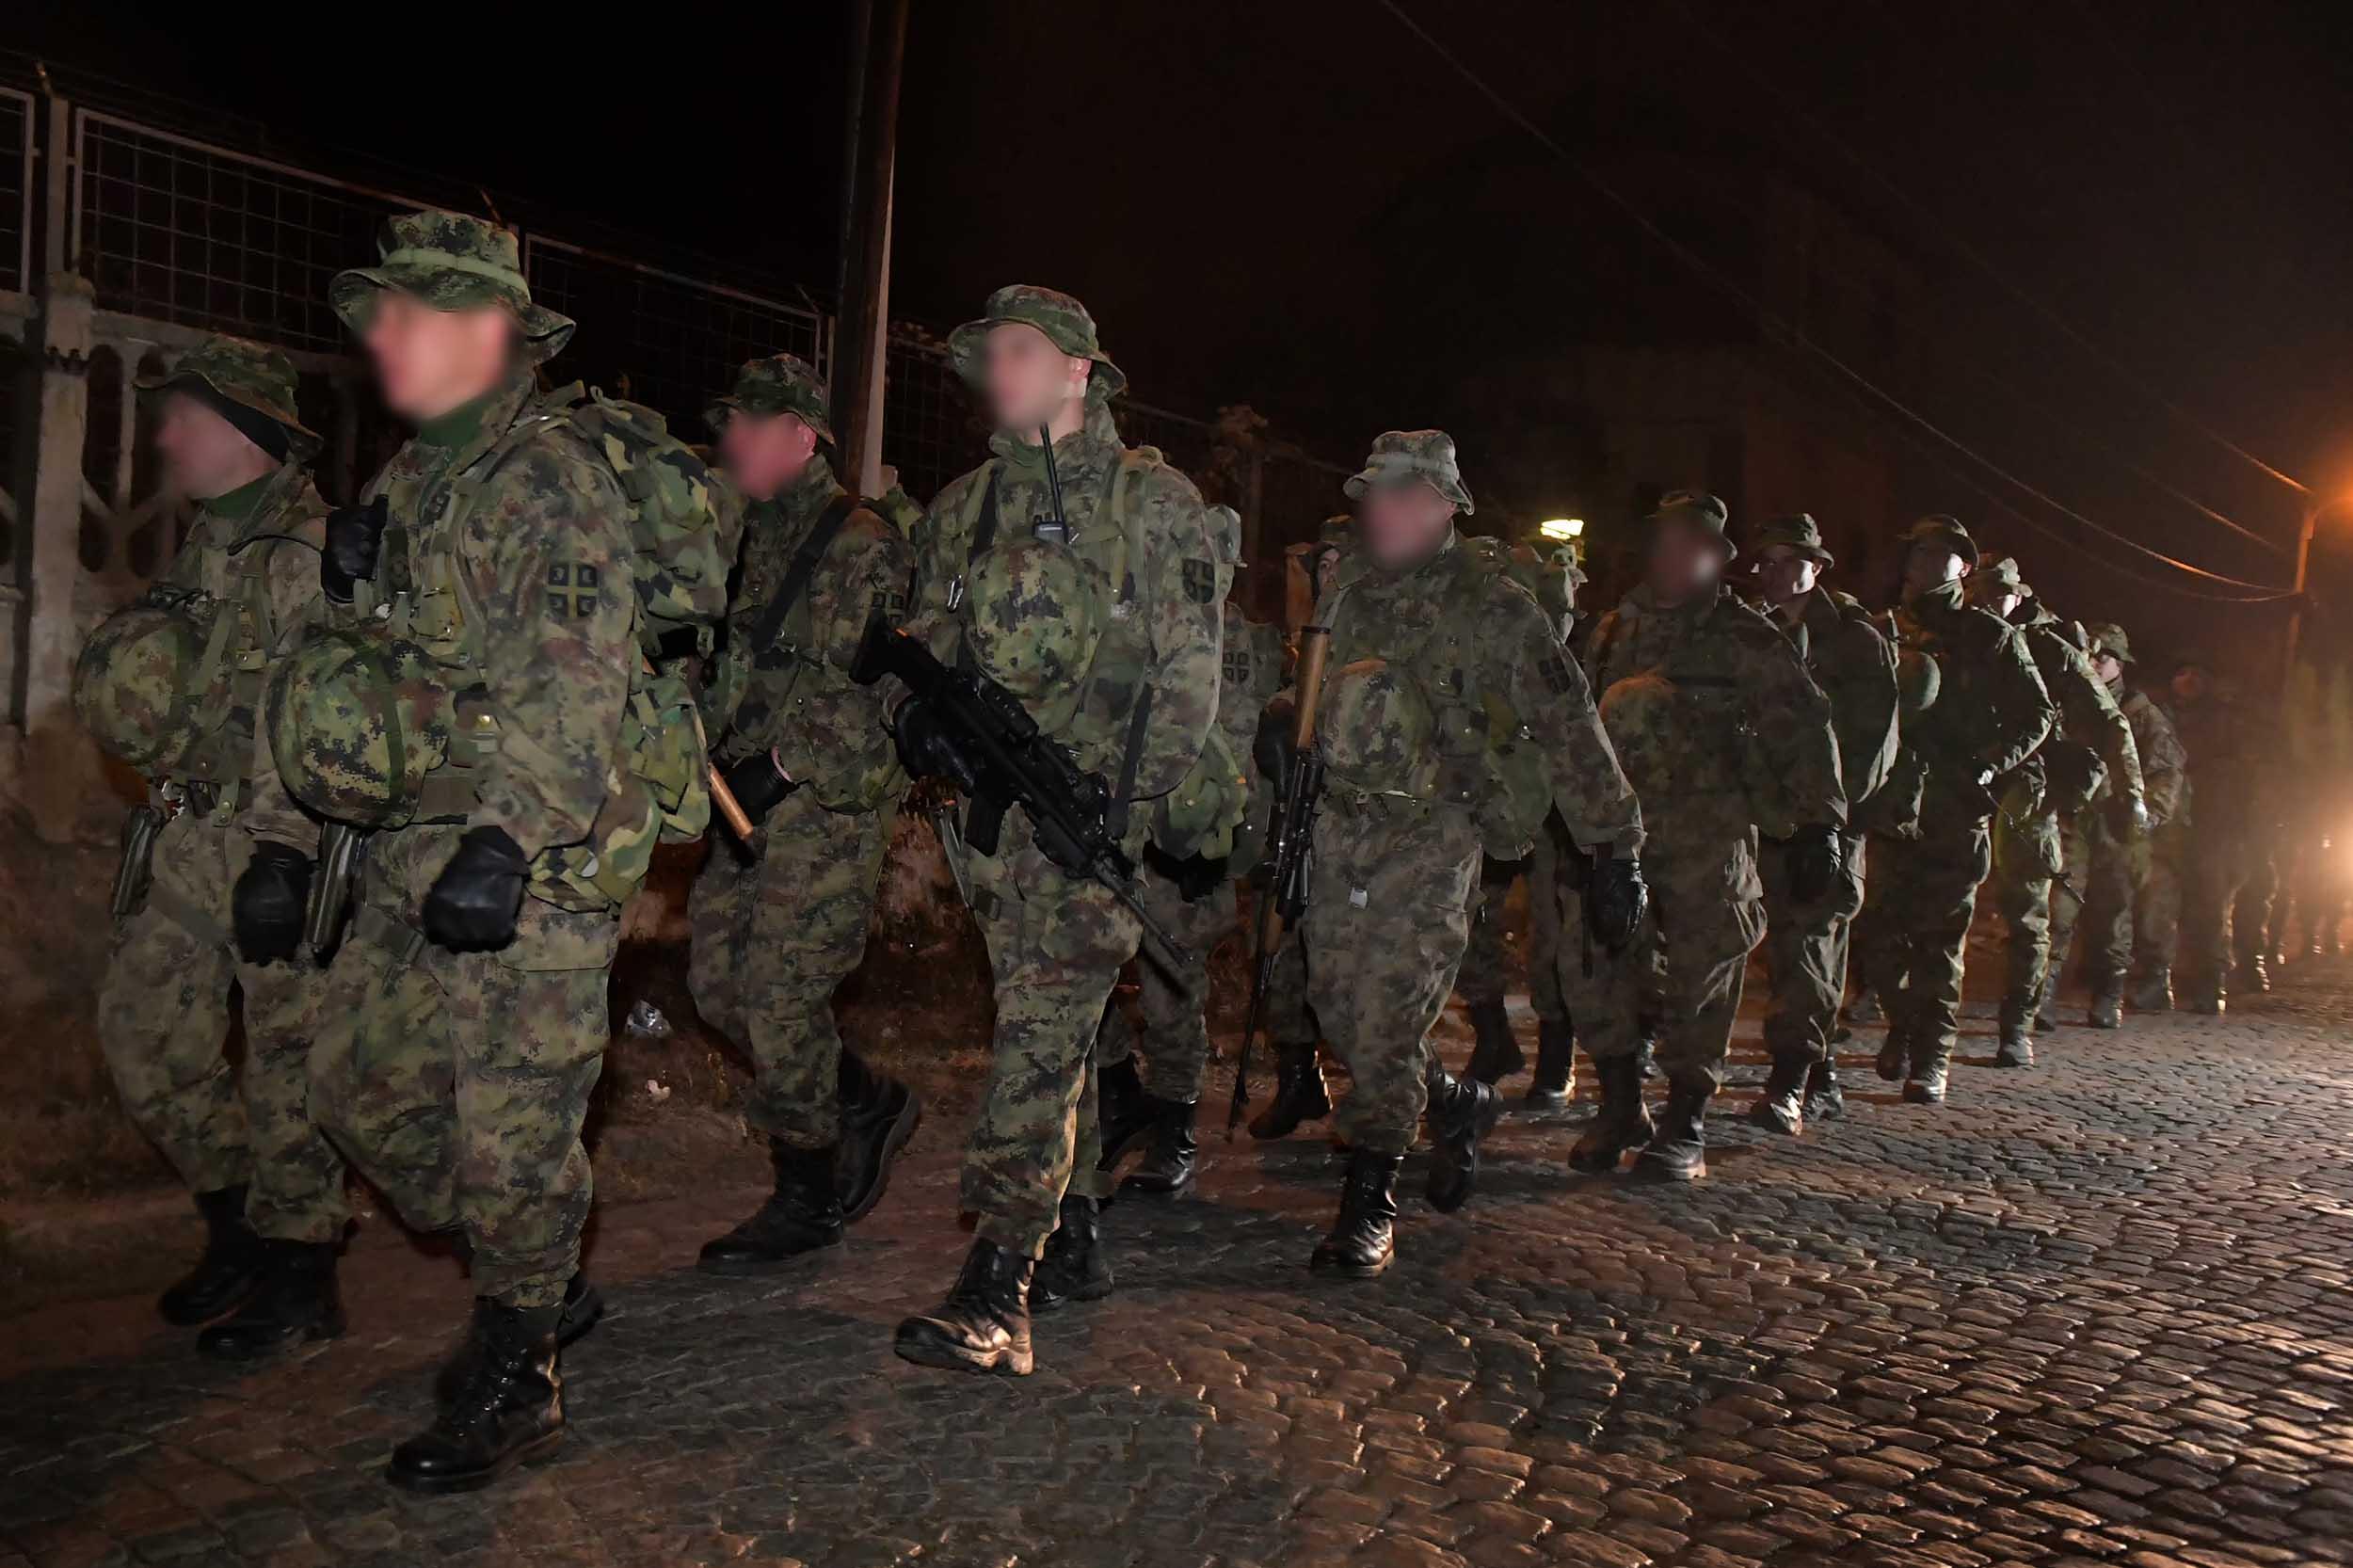 Припадници нишког 63. падобранског батаљона извели кондициони марш у дужини од 20 километара